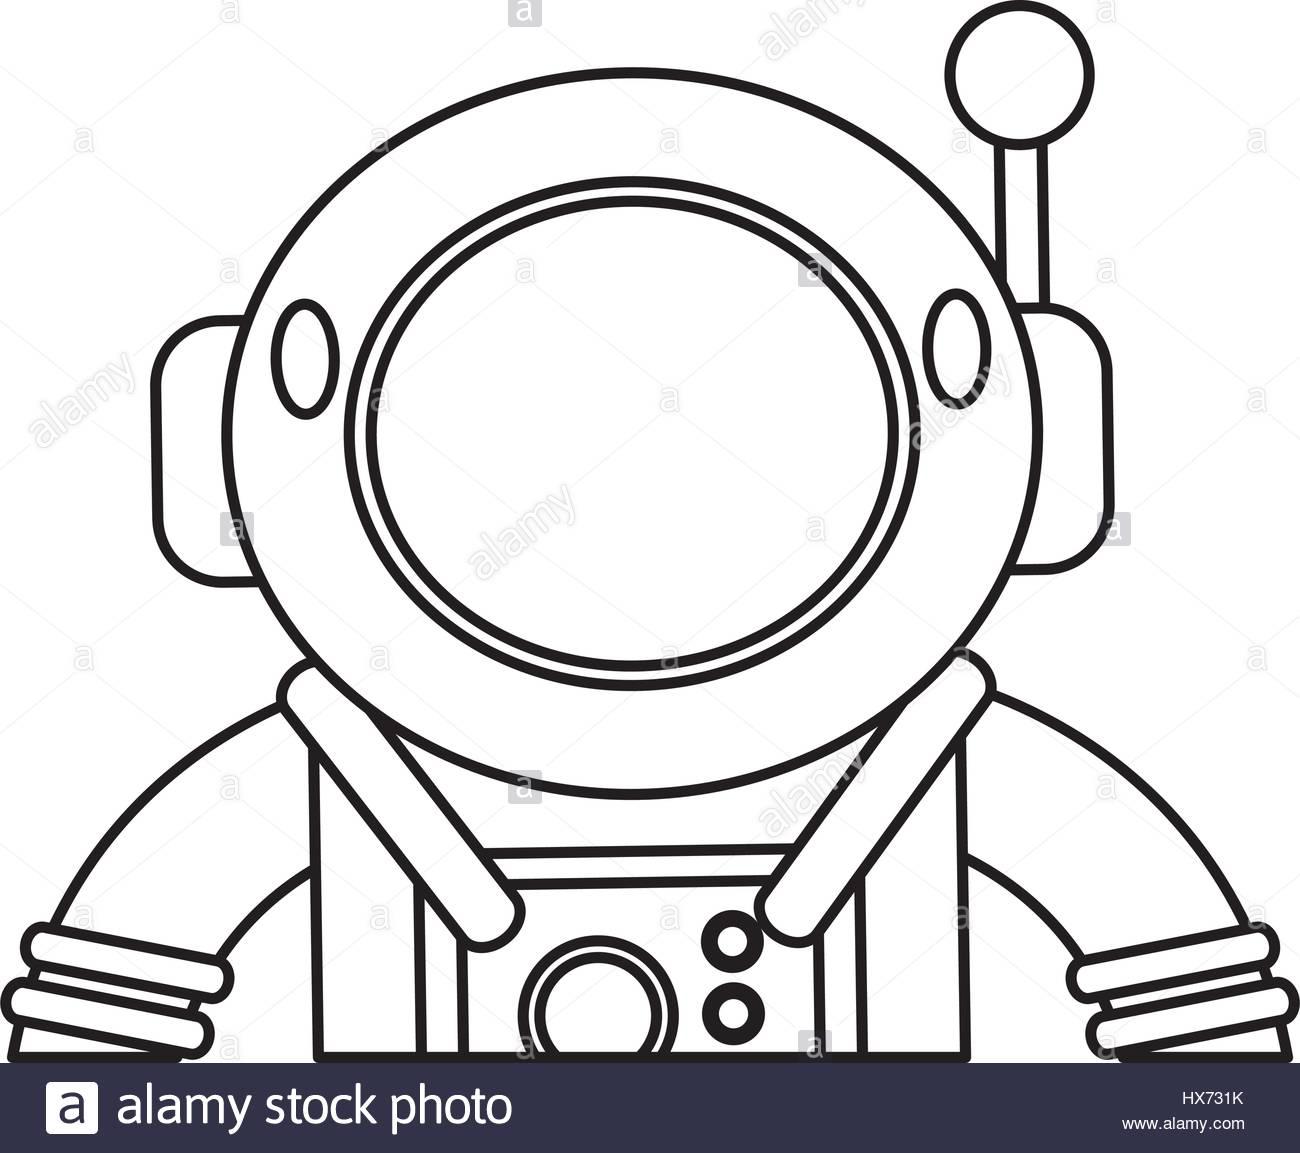 1300x1153 Astronaut Suit Helmet Space Outline Stock Vector Art